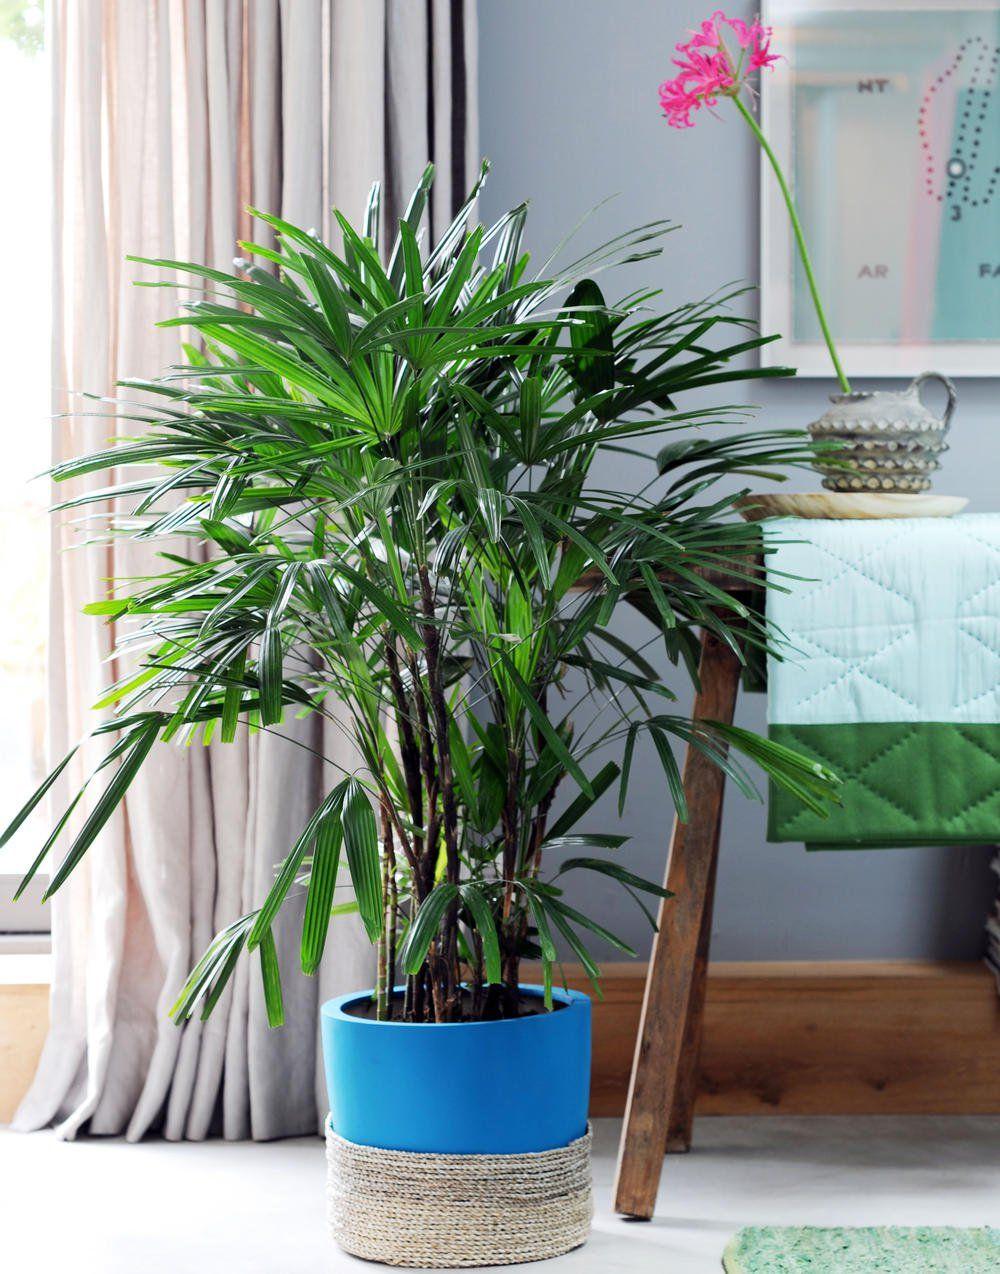 Steckenpalme Pflegeleichte Palme Fur Einsteiger Zimmerpflanzen Pflanzen Luft Reinigen Pflanzen